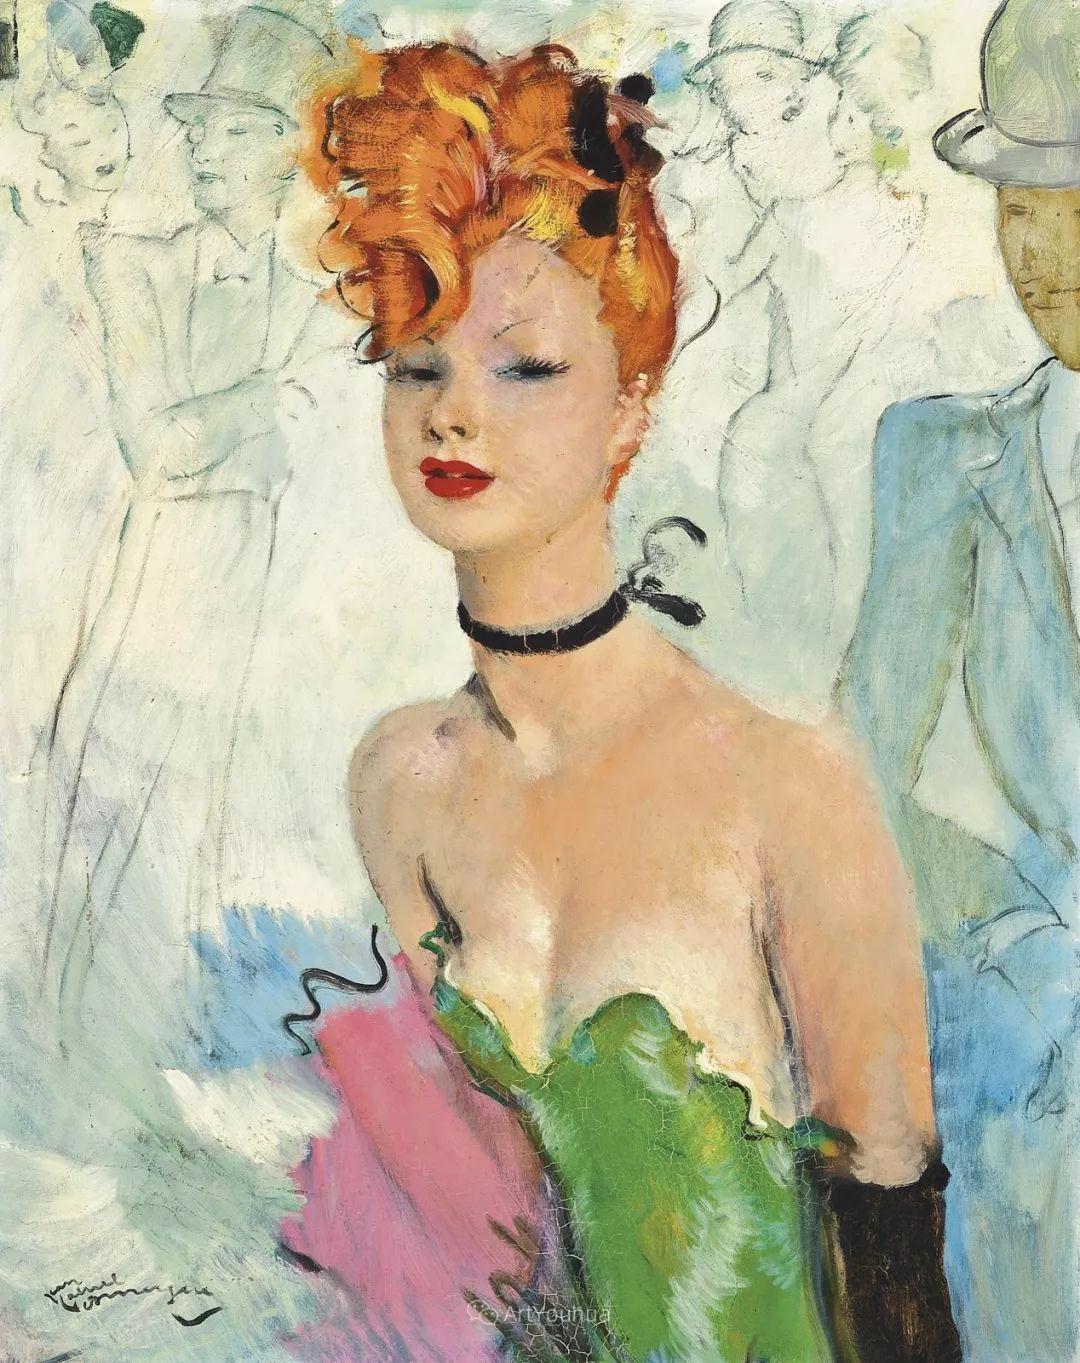 他画中的美女:典雅美丽天鹅颈,脸上带着调情趣味插图4